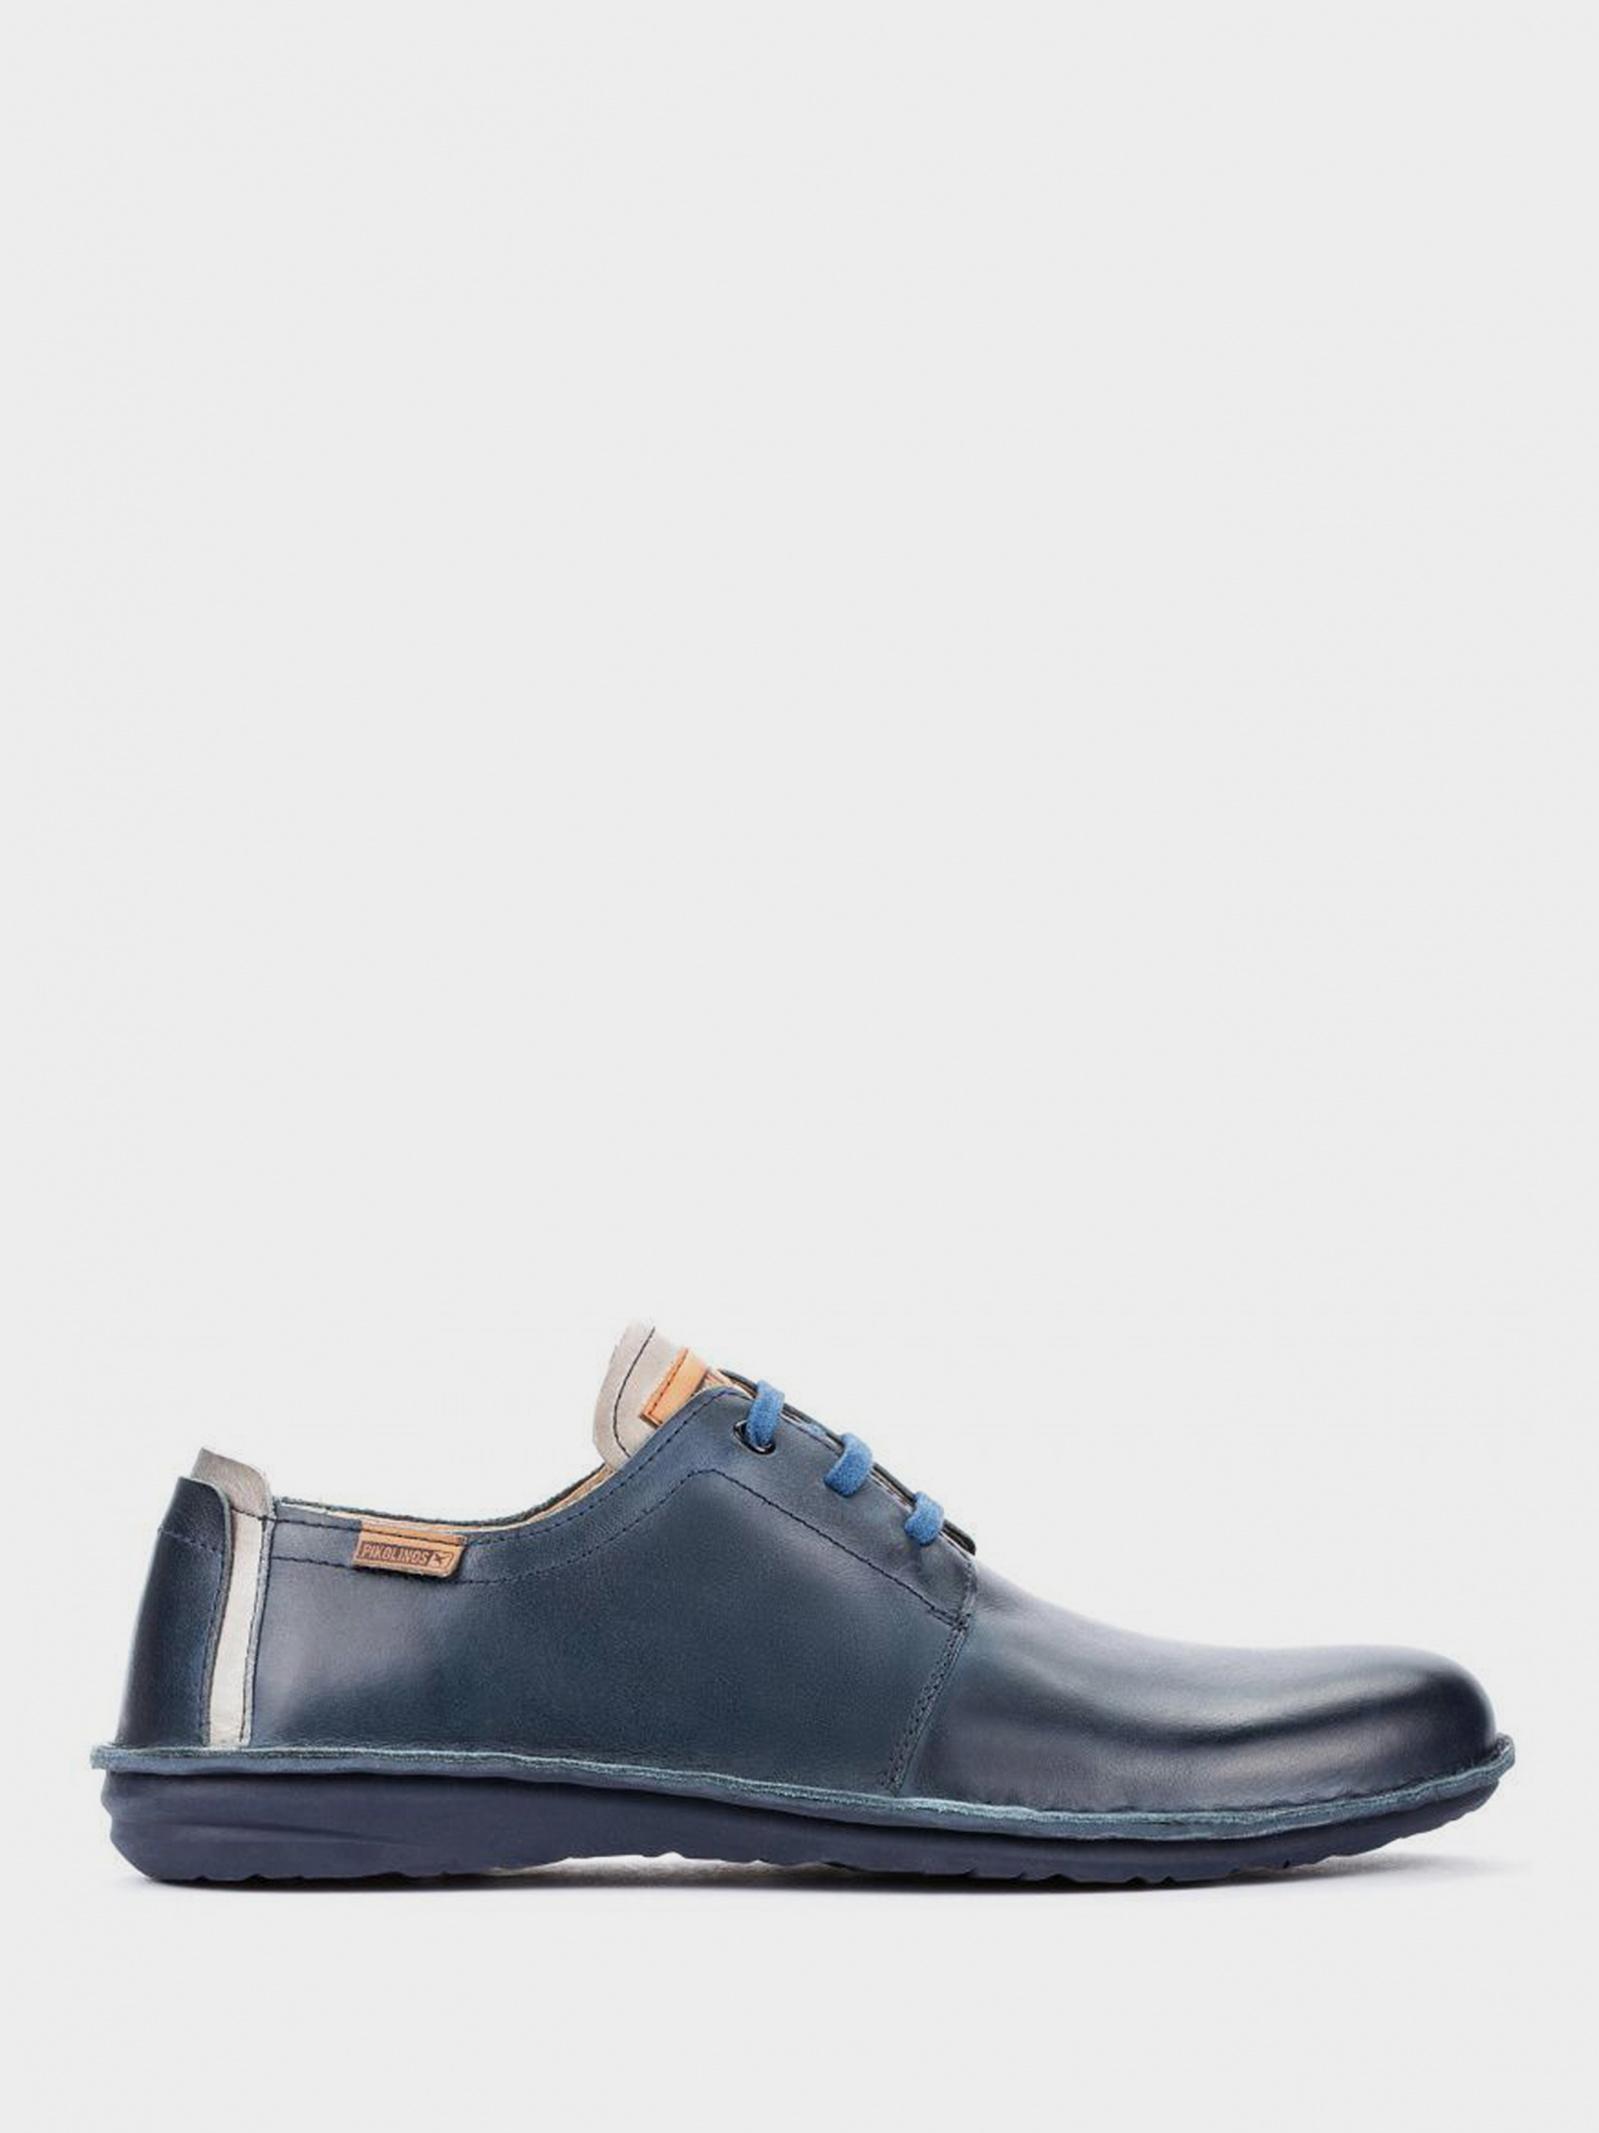 Полуботинки для мужчин PIKOLINOS SH295 модная обувь, 2017